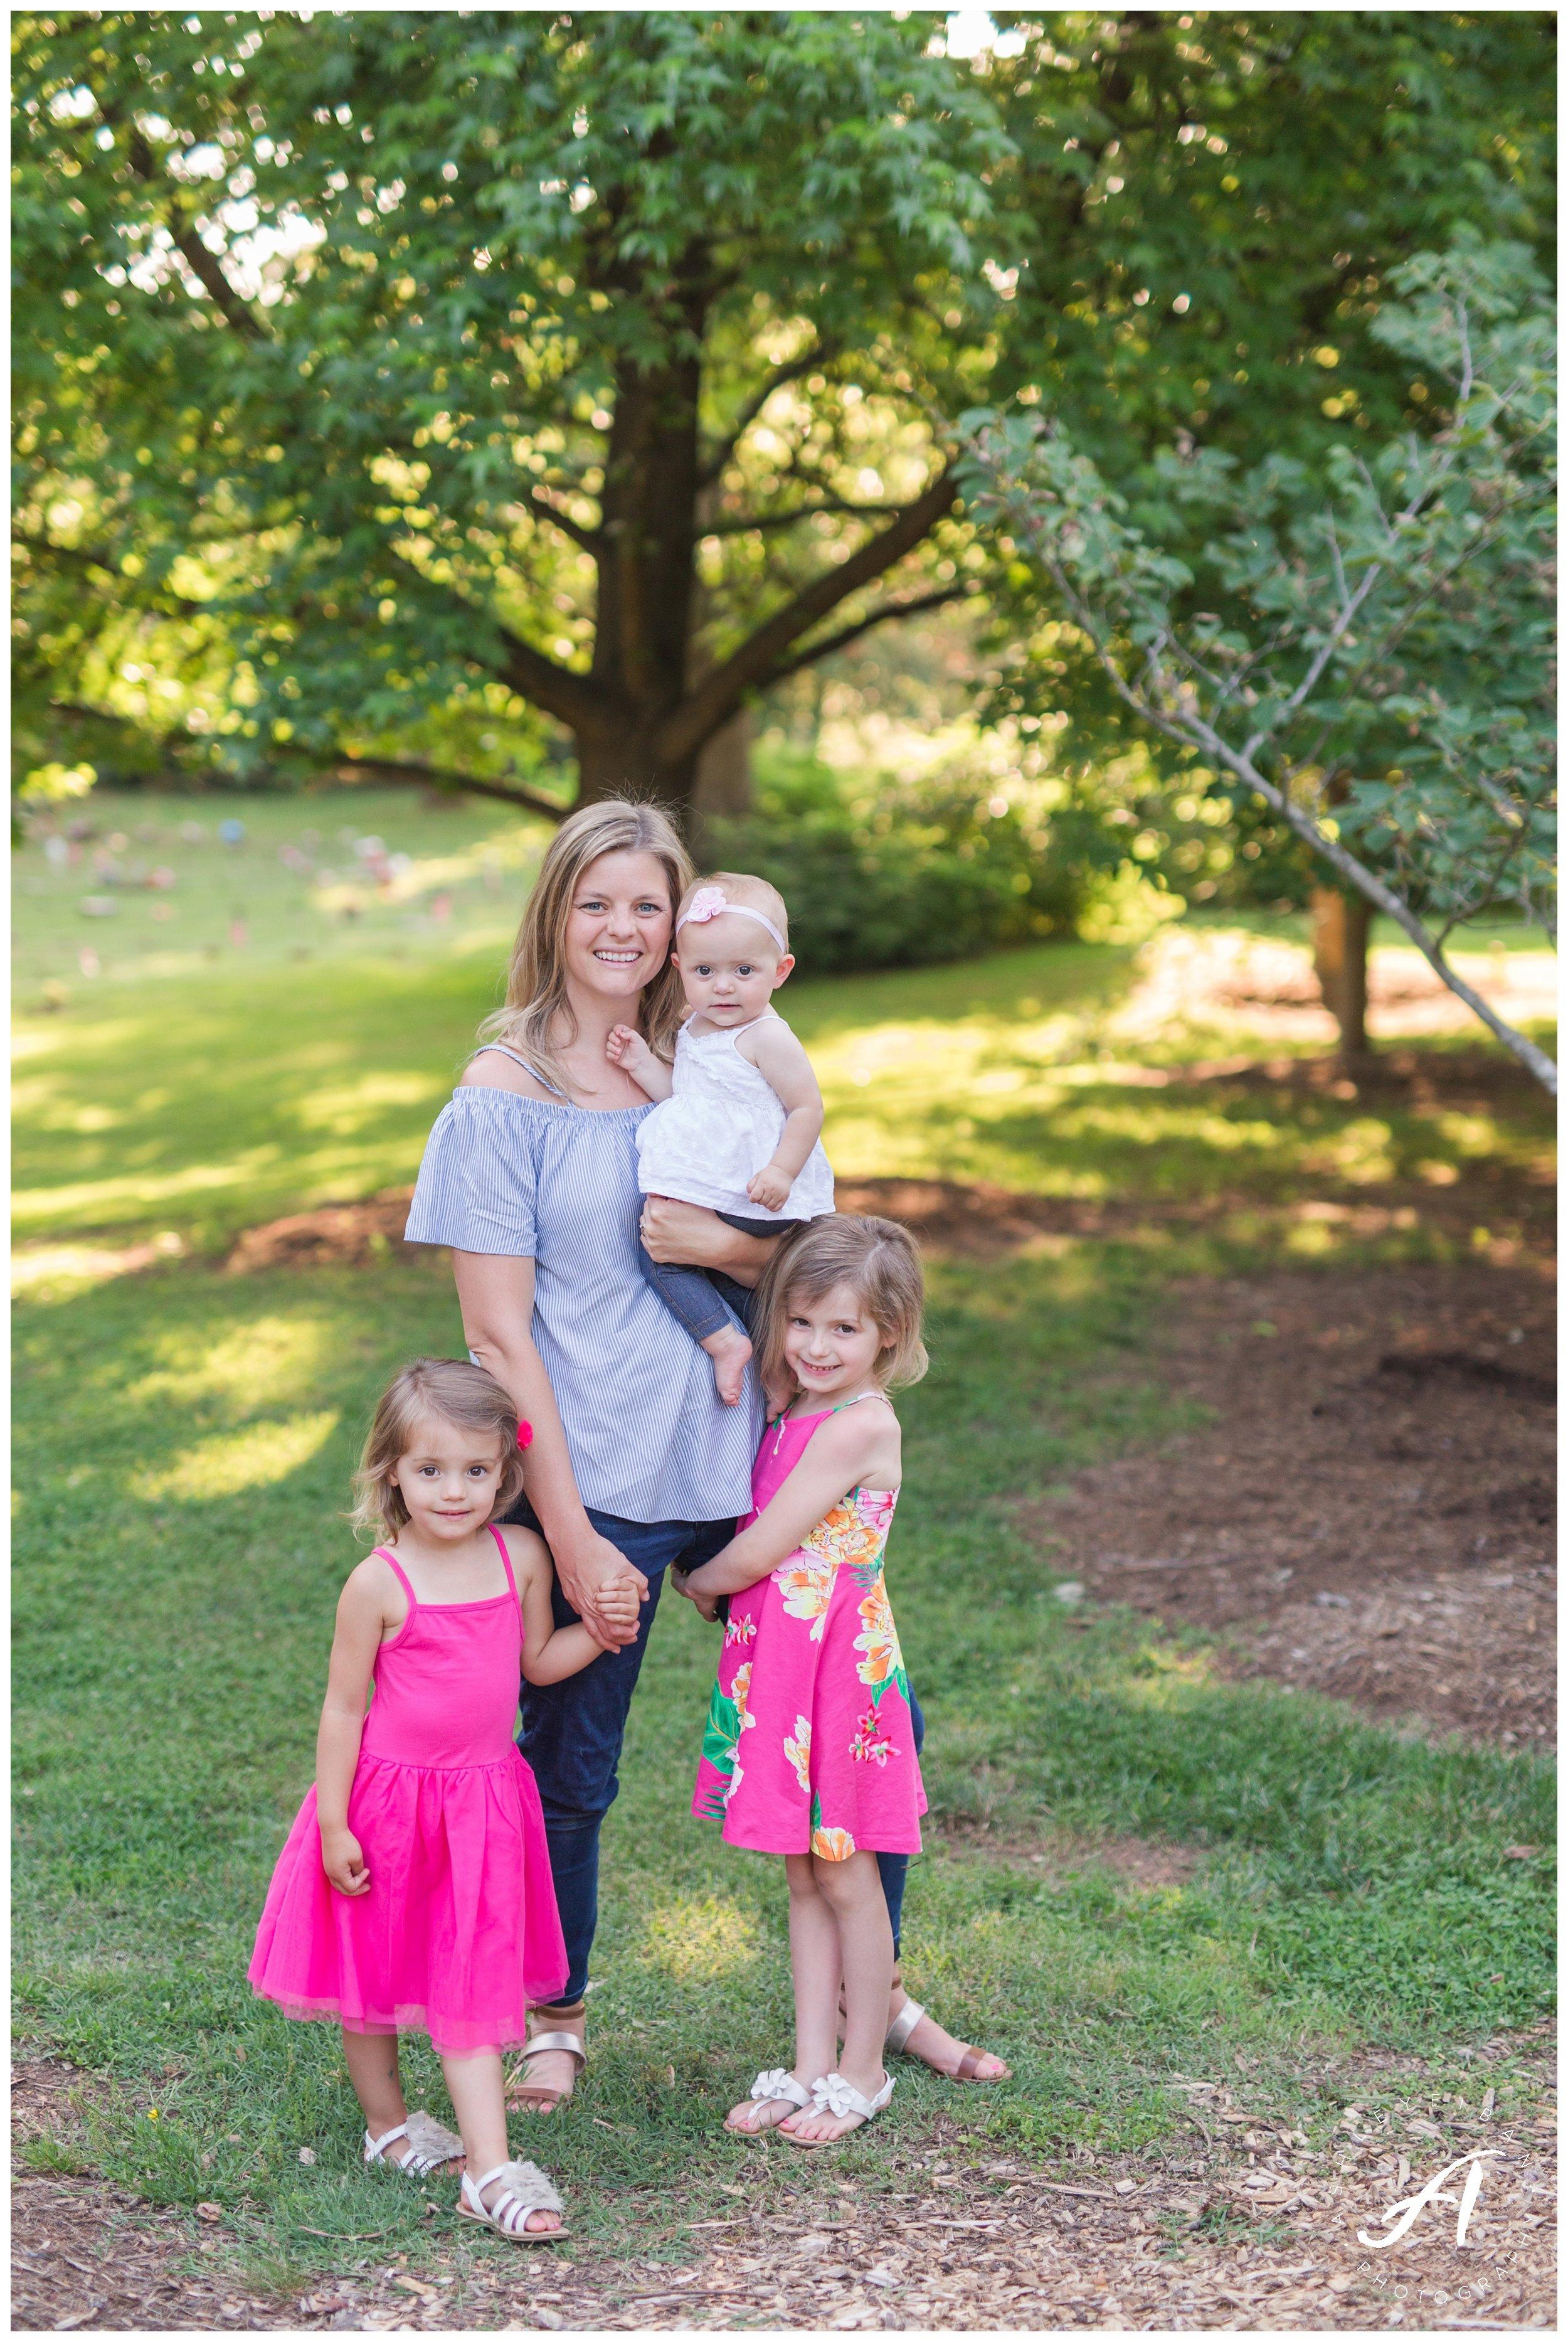 Charlottesville and Lynchburg Virginia Wedding and Family Photographer || Lynchburg Family Photo session || Ashley Eiban Photography || www.ashleyeiban.com